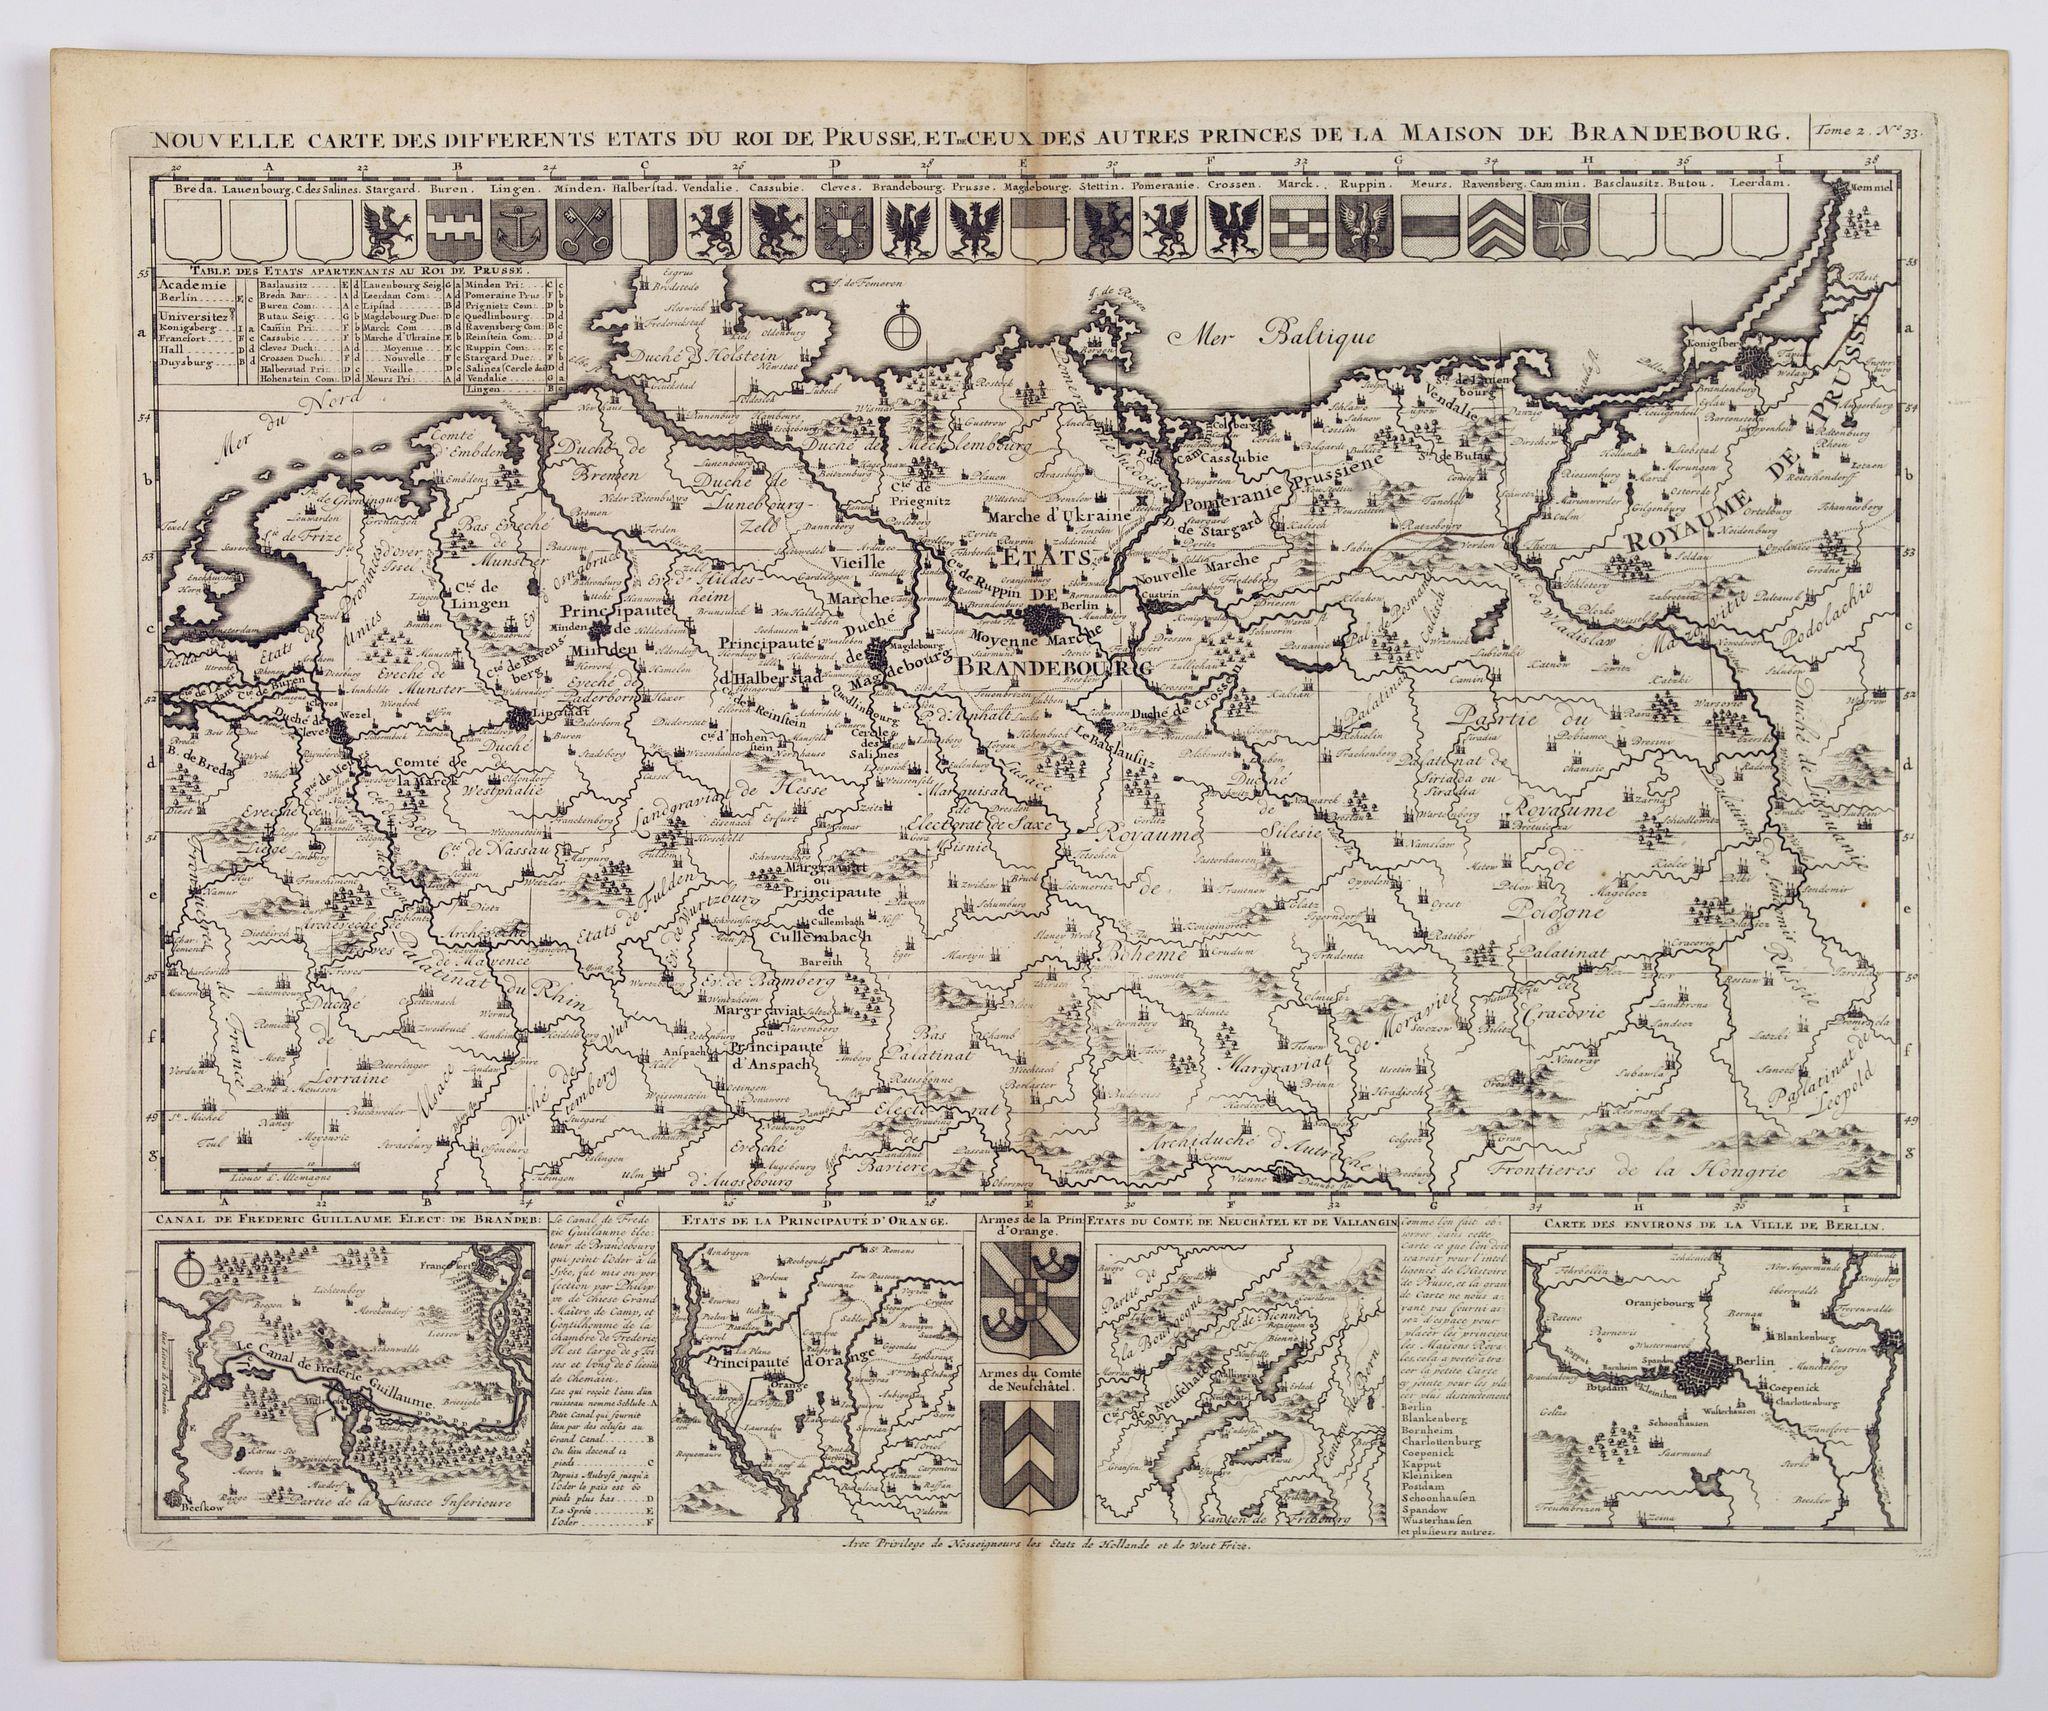 CHATELAIN, Henri. - Nouvelle Carte des Differents Etats du Roi de Prusse et de Ceux des Autres Princes de la Maison de Brandebourg.